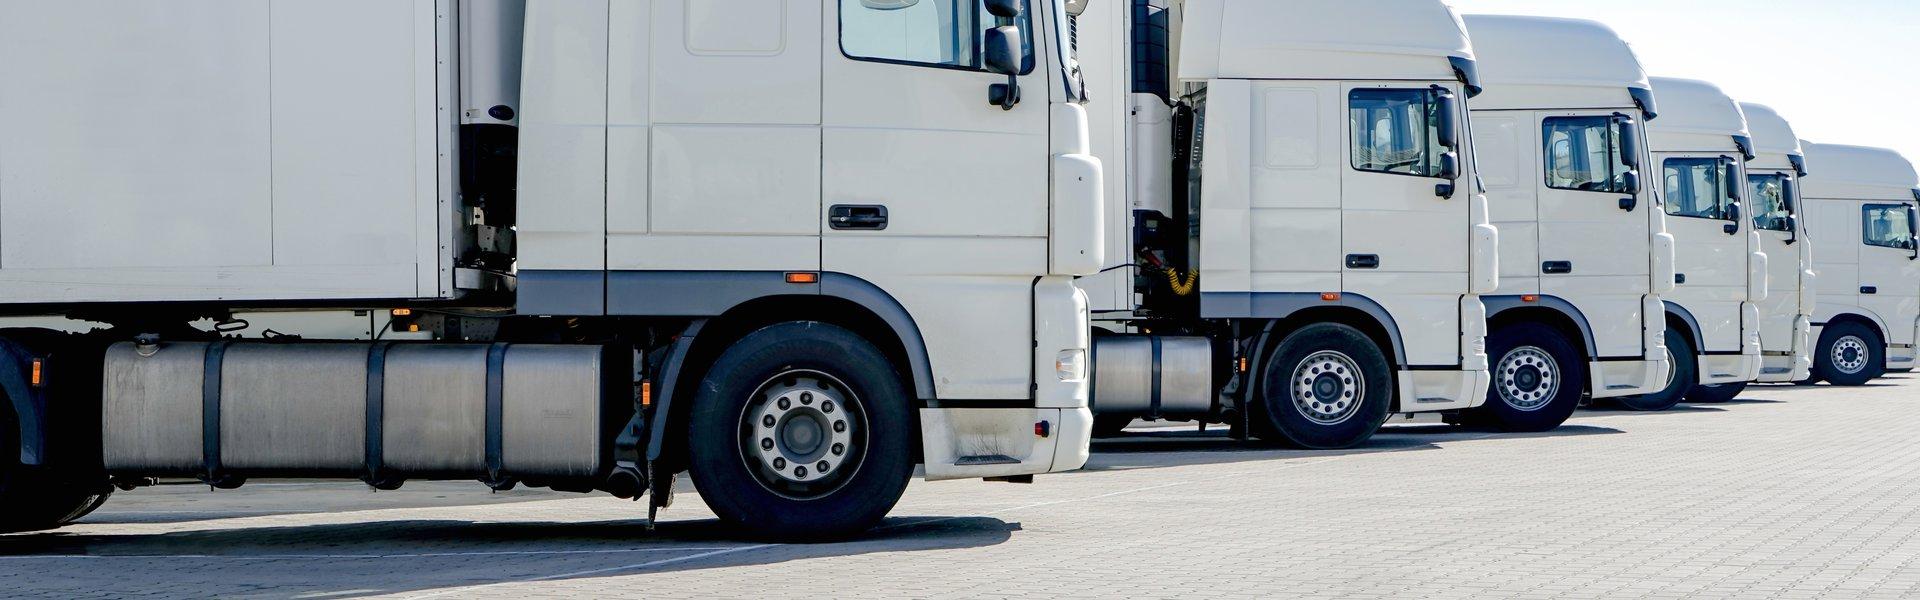 LKW-Spedition, mehrere weiße Laster stehen nebeneinander p557fr